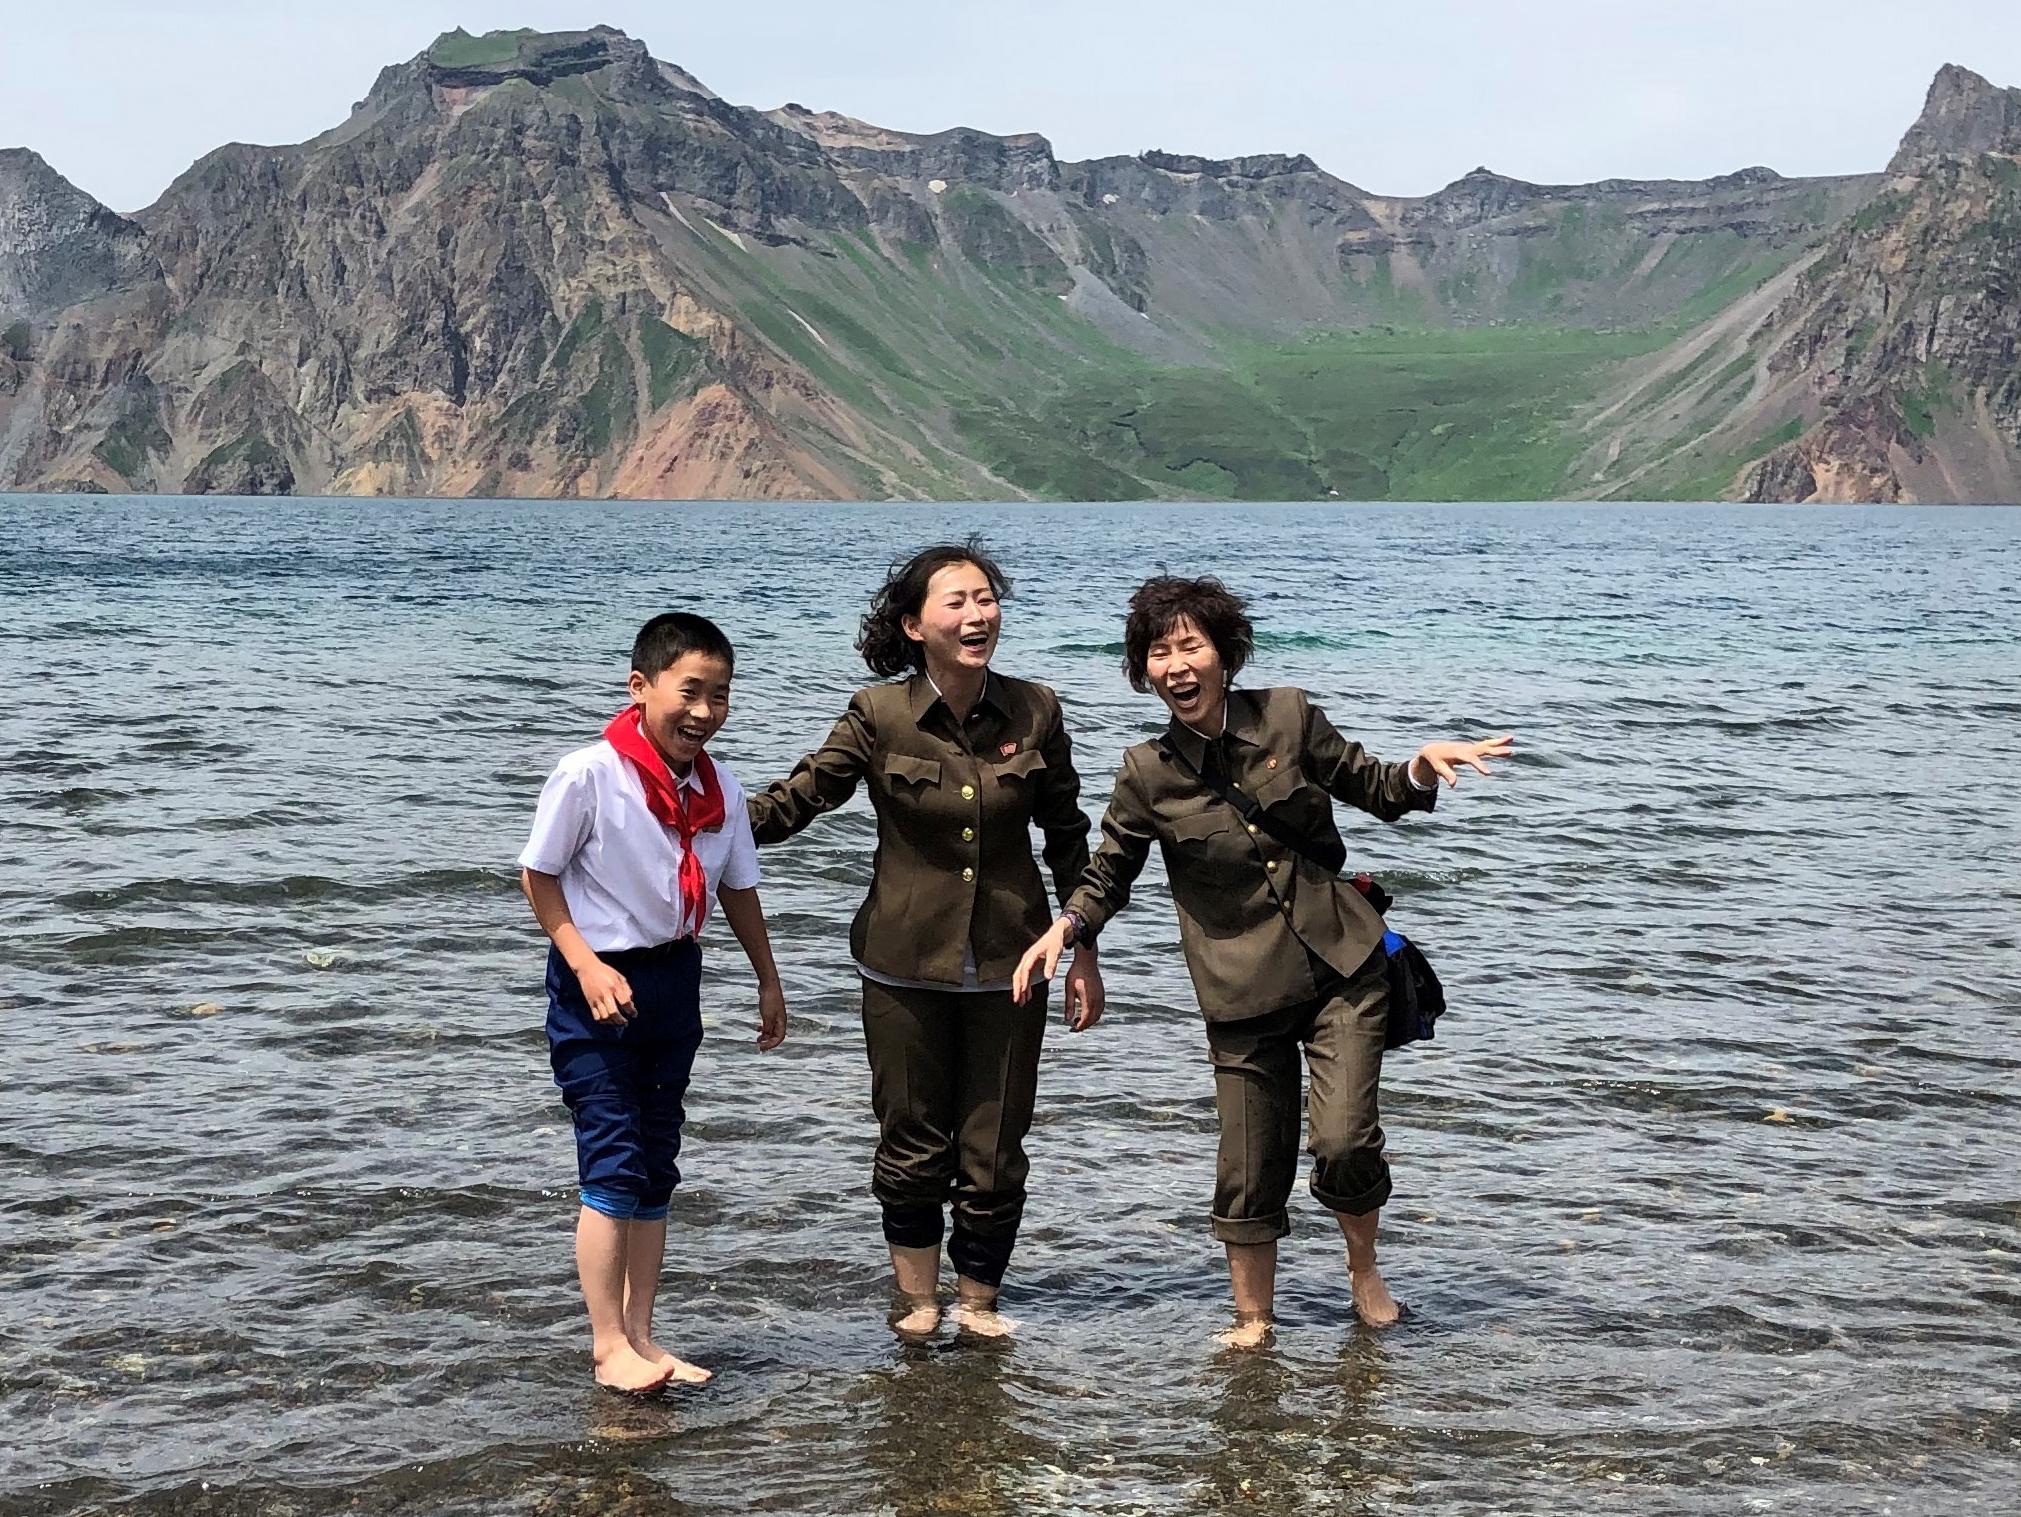 지난 24일 백두산을 방문한 관광객들이 천지에 발을 담그며 기념사진을 찍고 있다. [타스=연합뉴스]